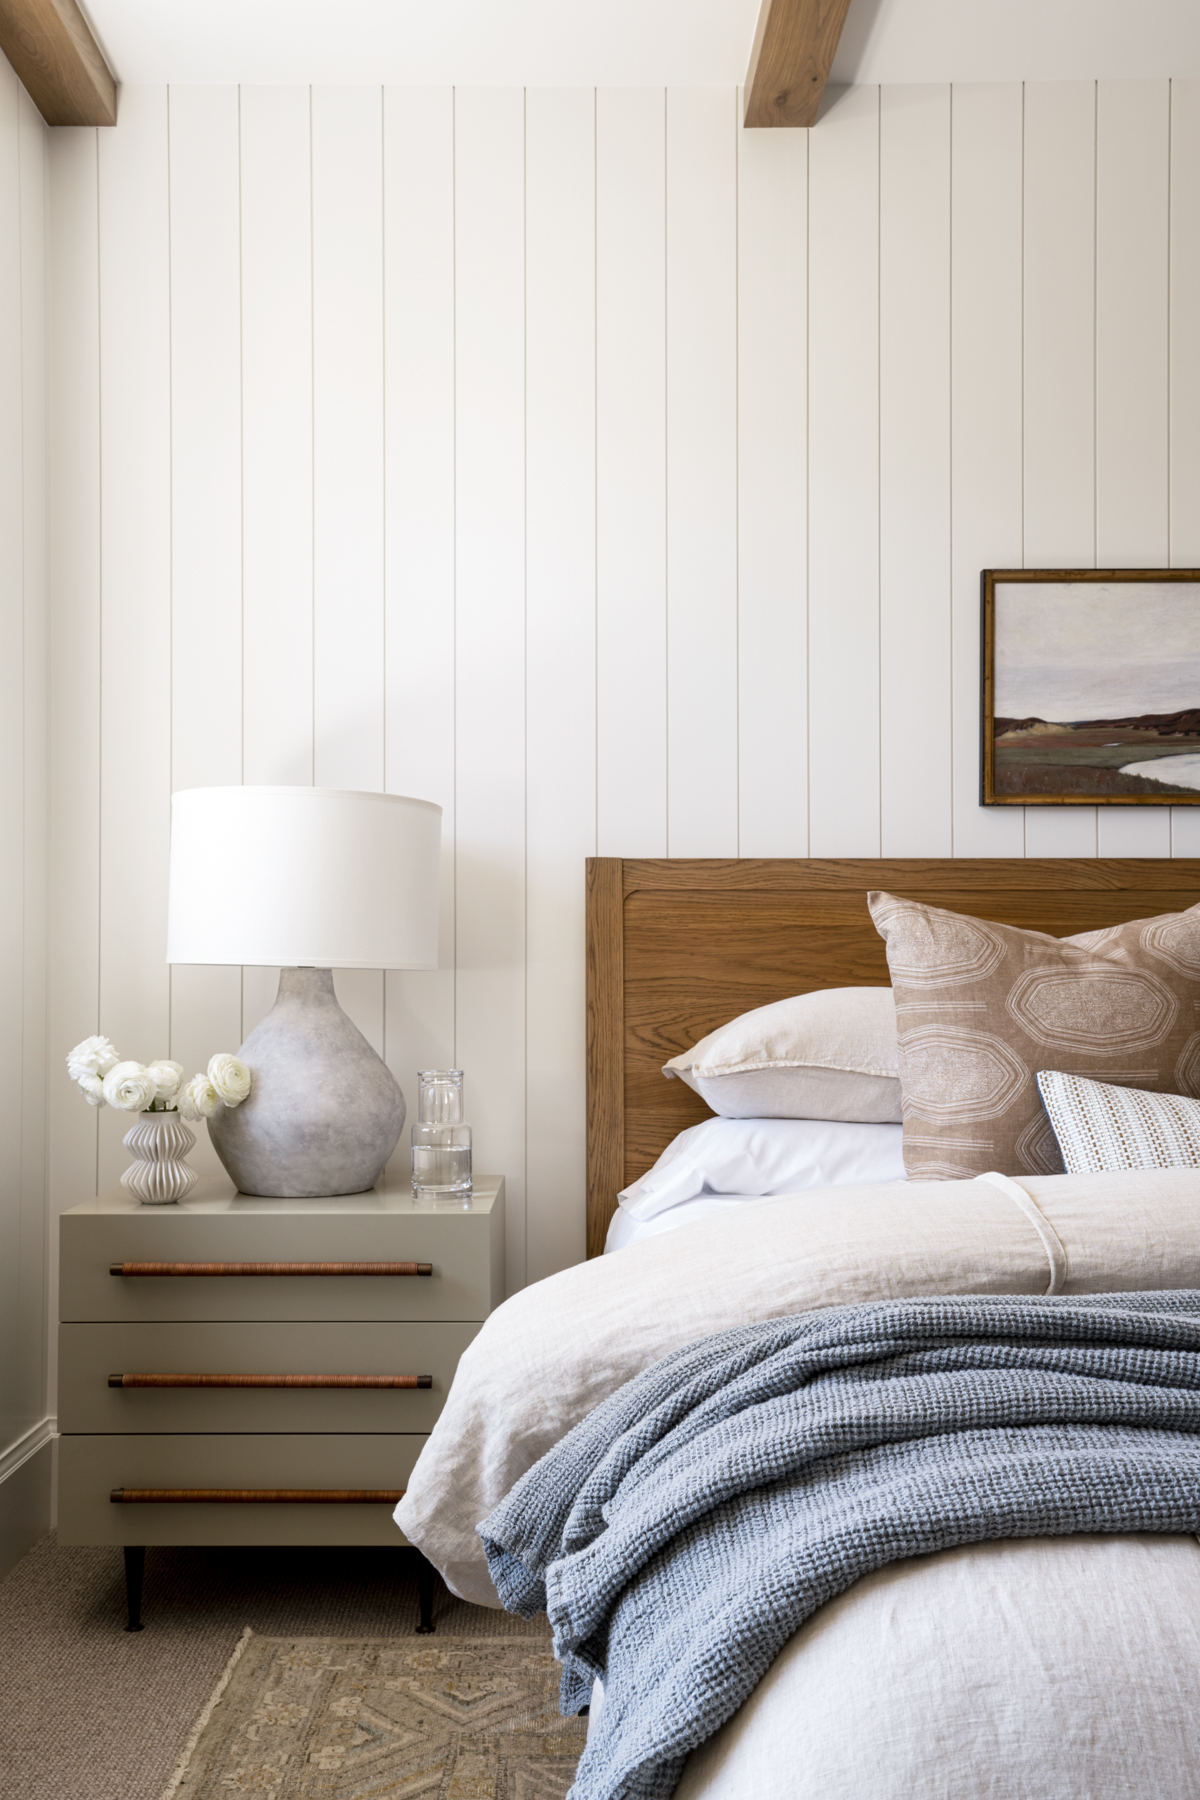 Mountainside Retreat: Basement Bunk Rooms & Guest Beds & Baths